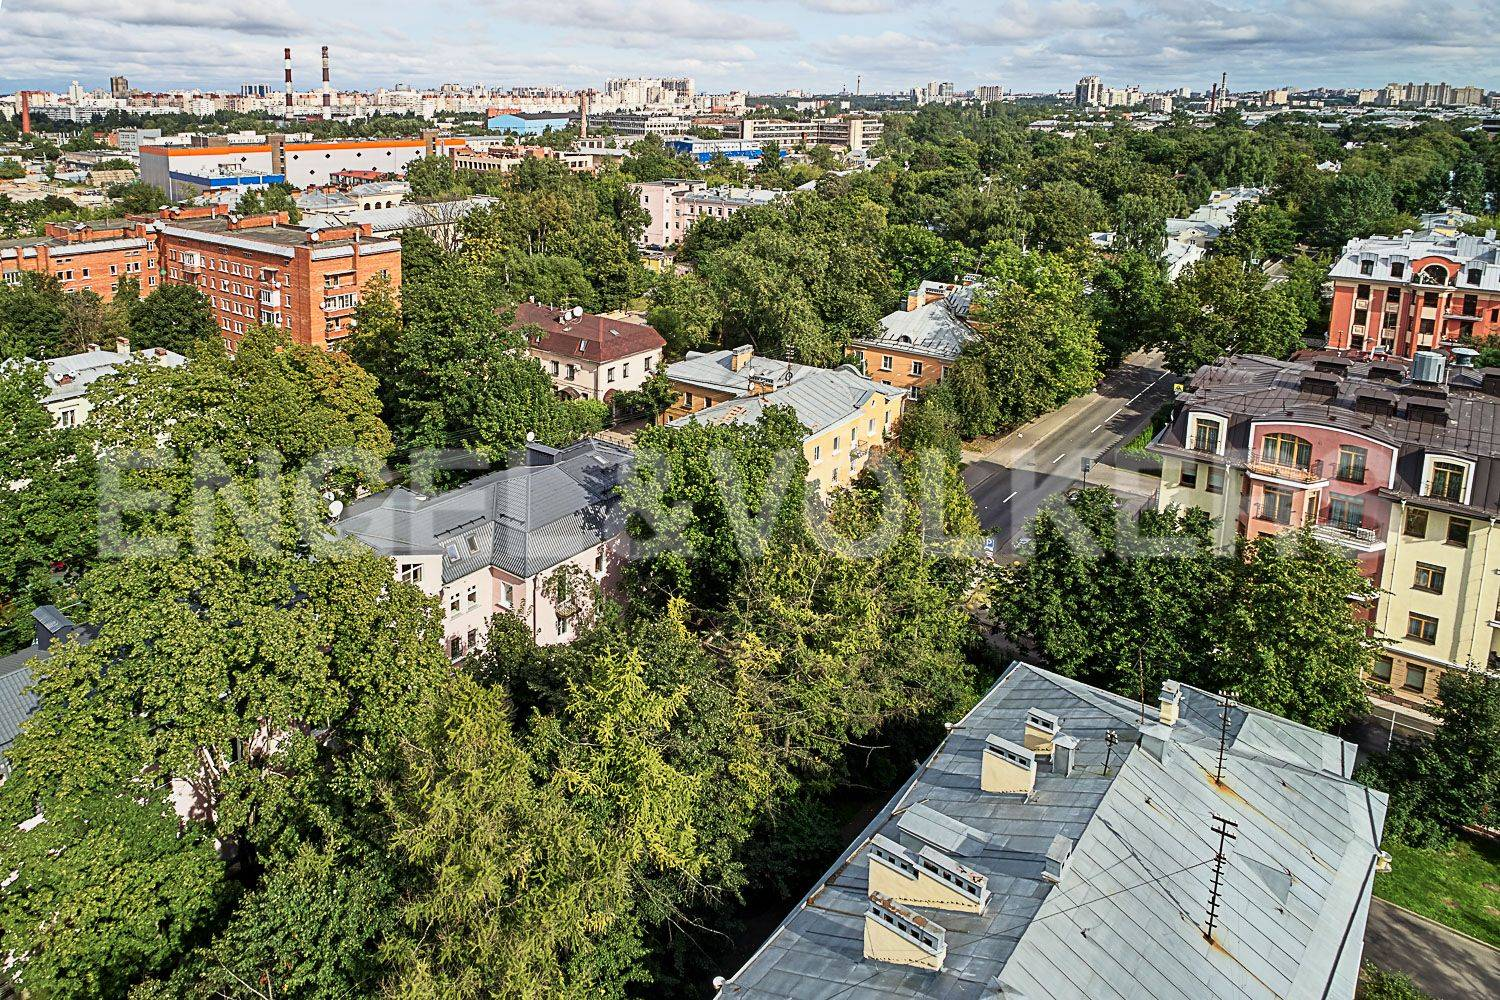 Элитные квартиры в Приморском районе. Санкт-Петербург, Дибуновская улица, 30. Дибуновская улица